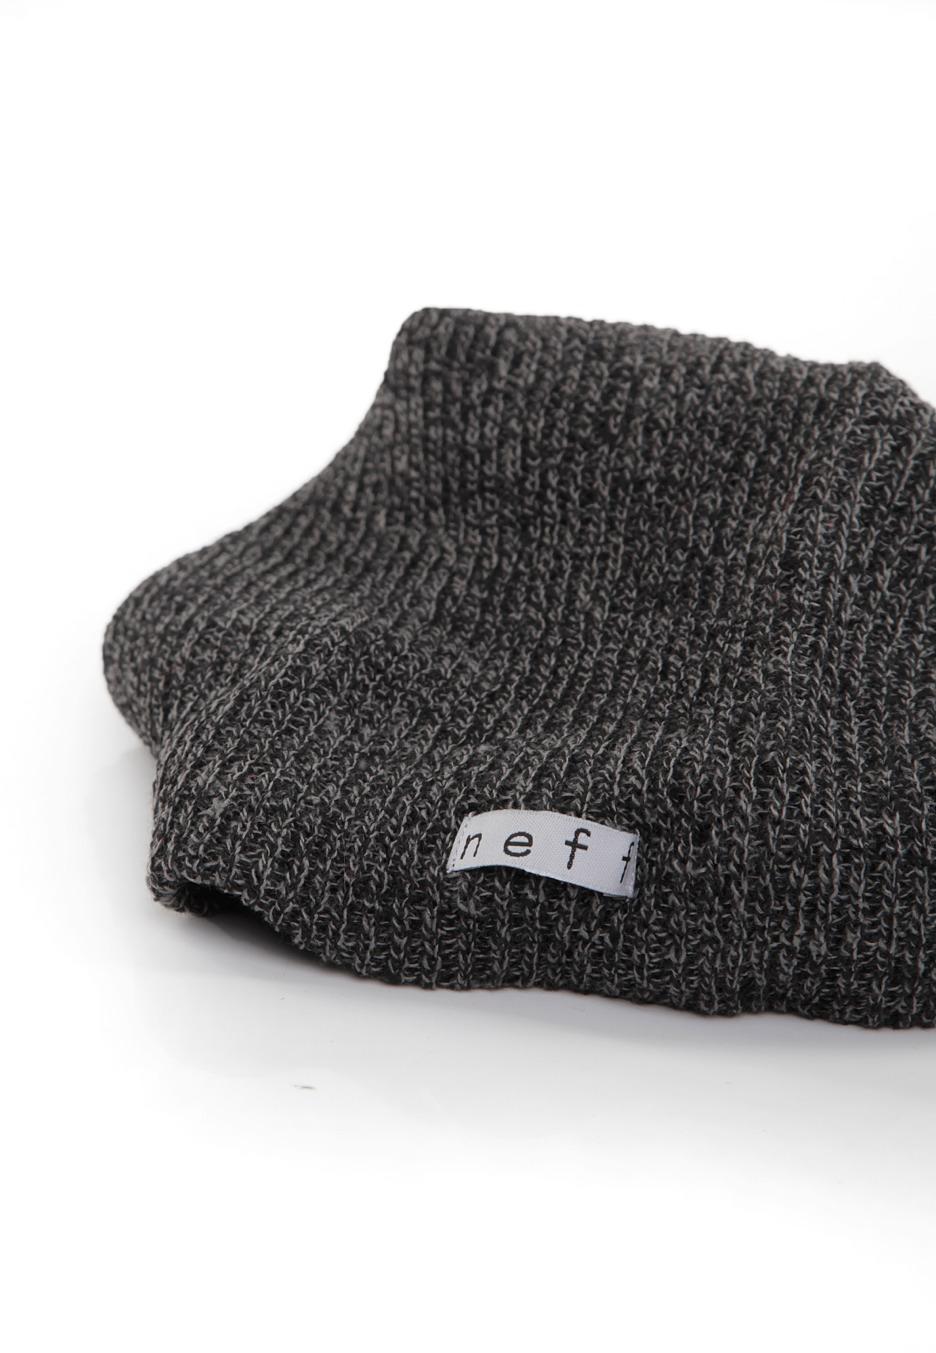 Neff - Daily Heather Black Grey - Beanie - Streetwear Shop ... 3f8a489b96077